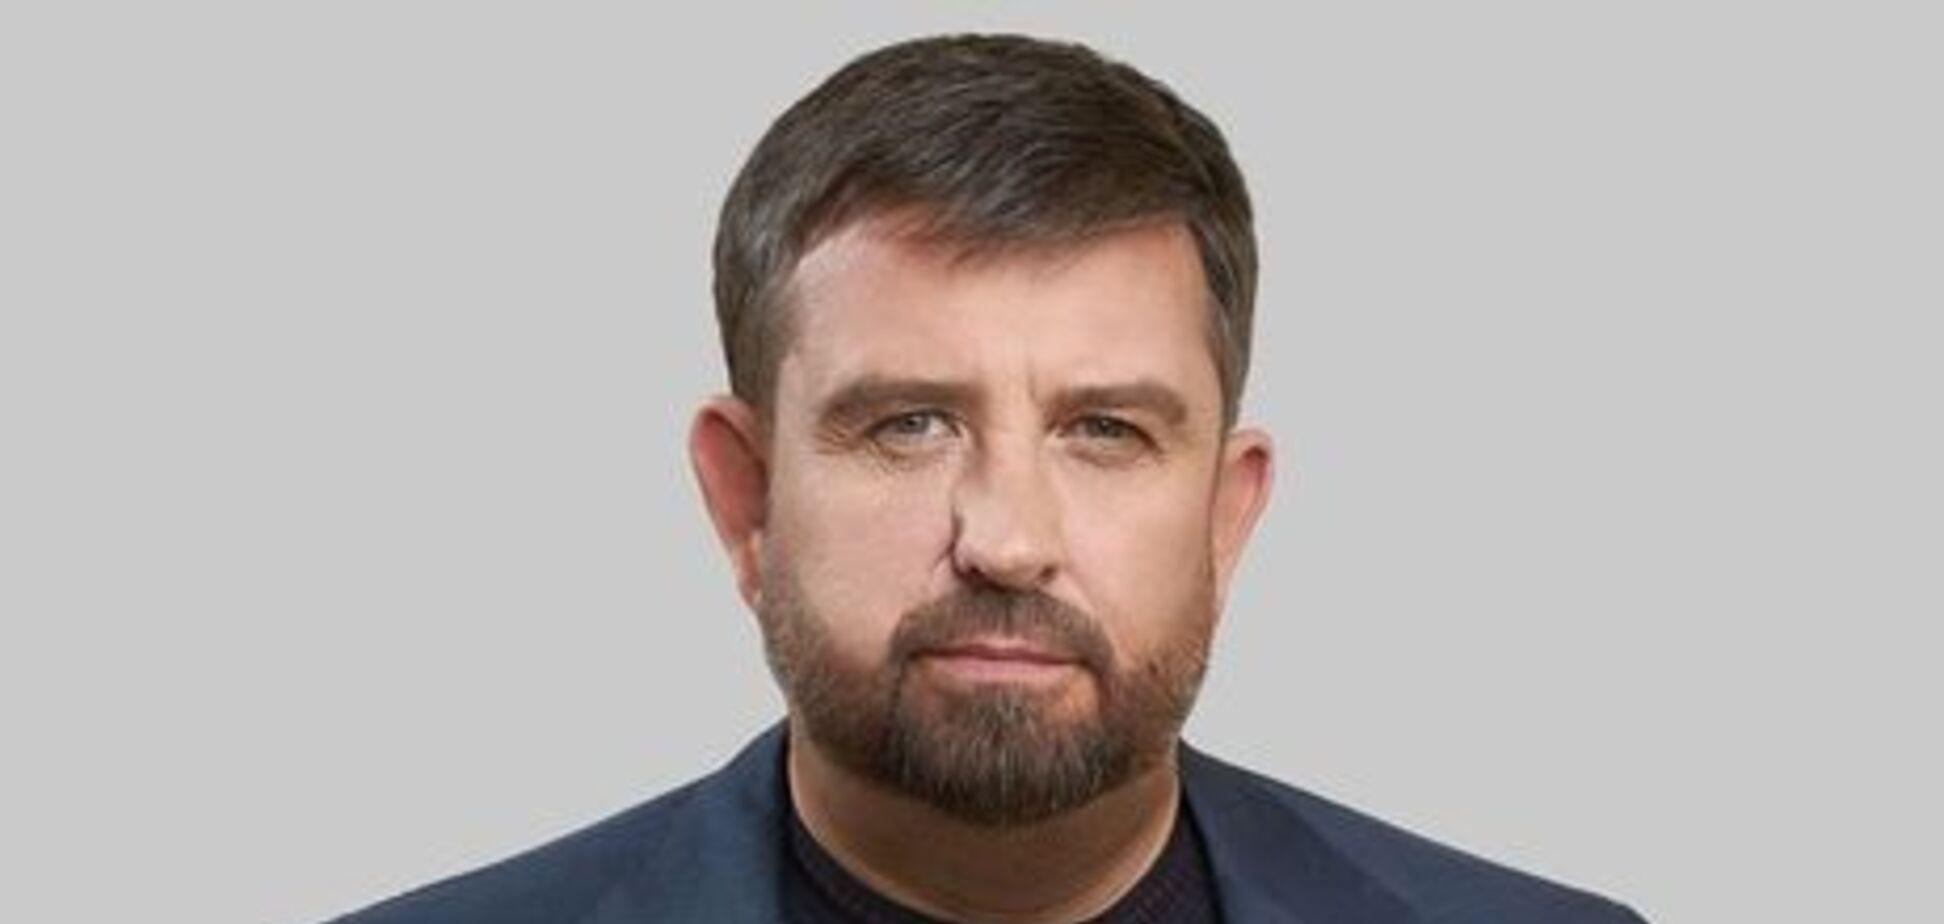 Олег Недава добился компенсации за разрушенное жилье для жителей Донбасса